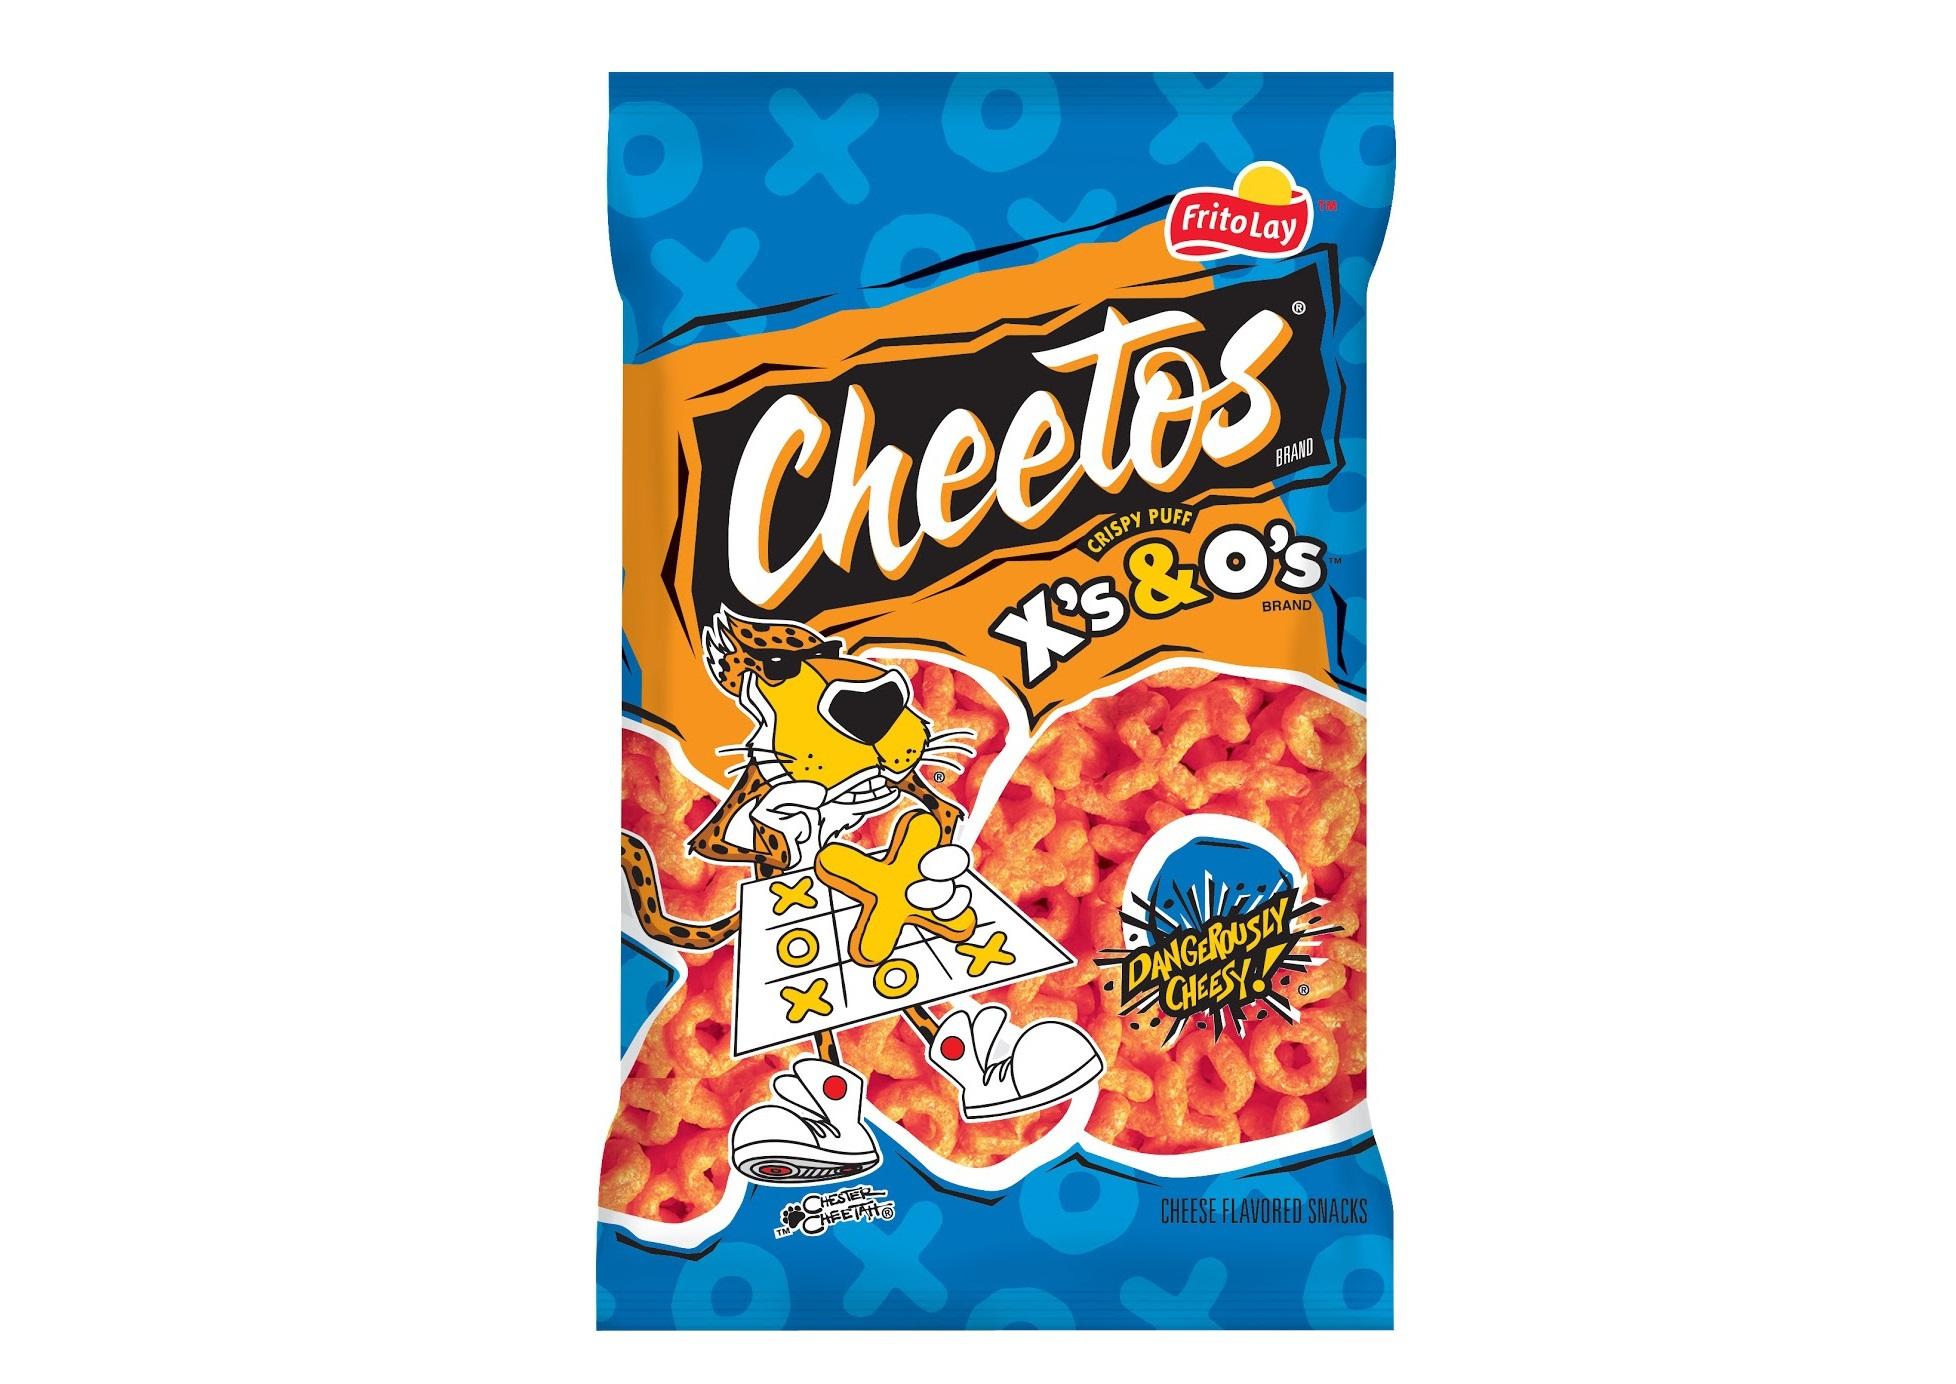 Cheetos Hd Desktop